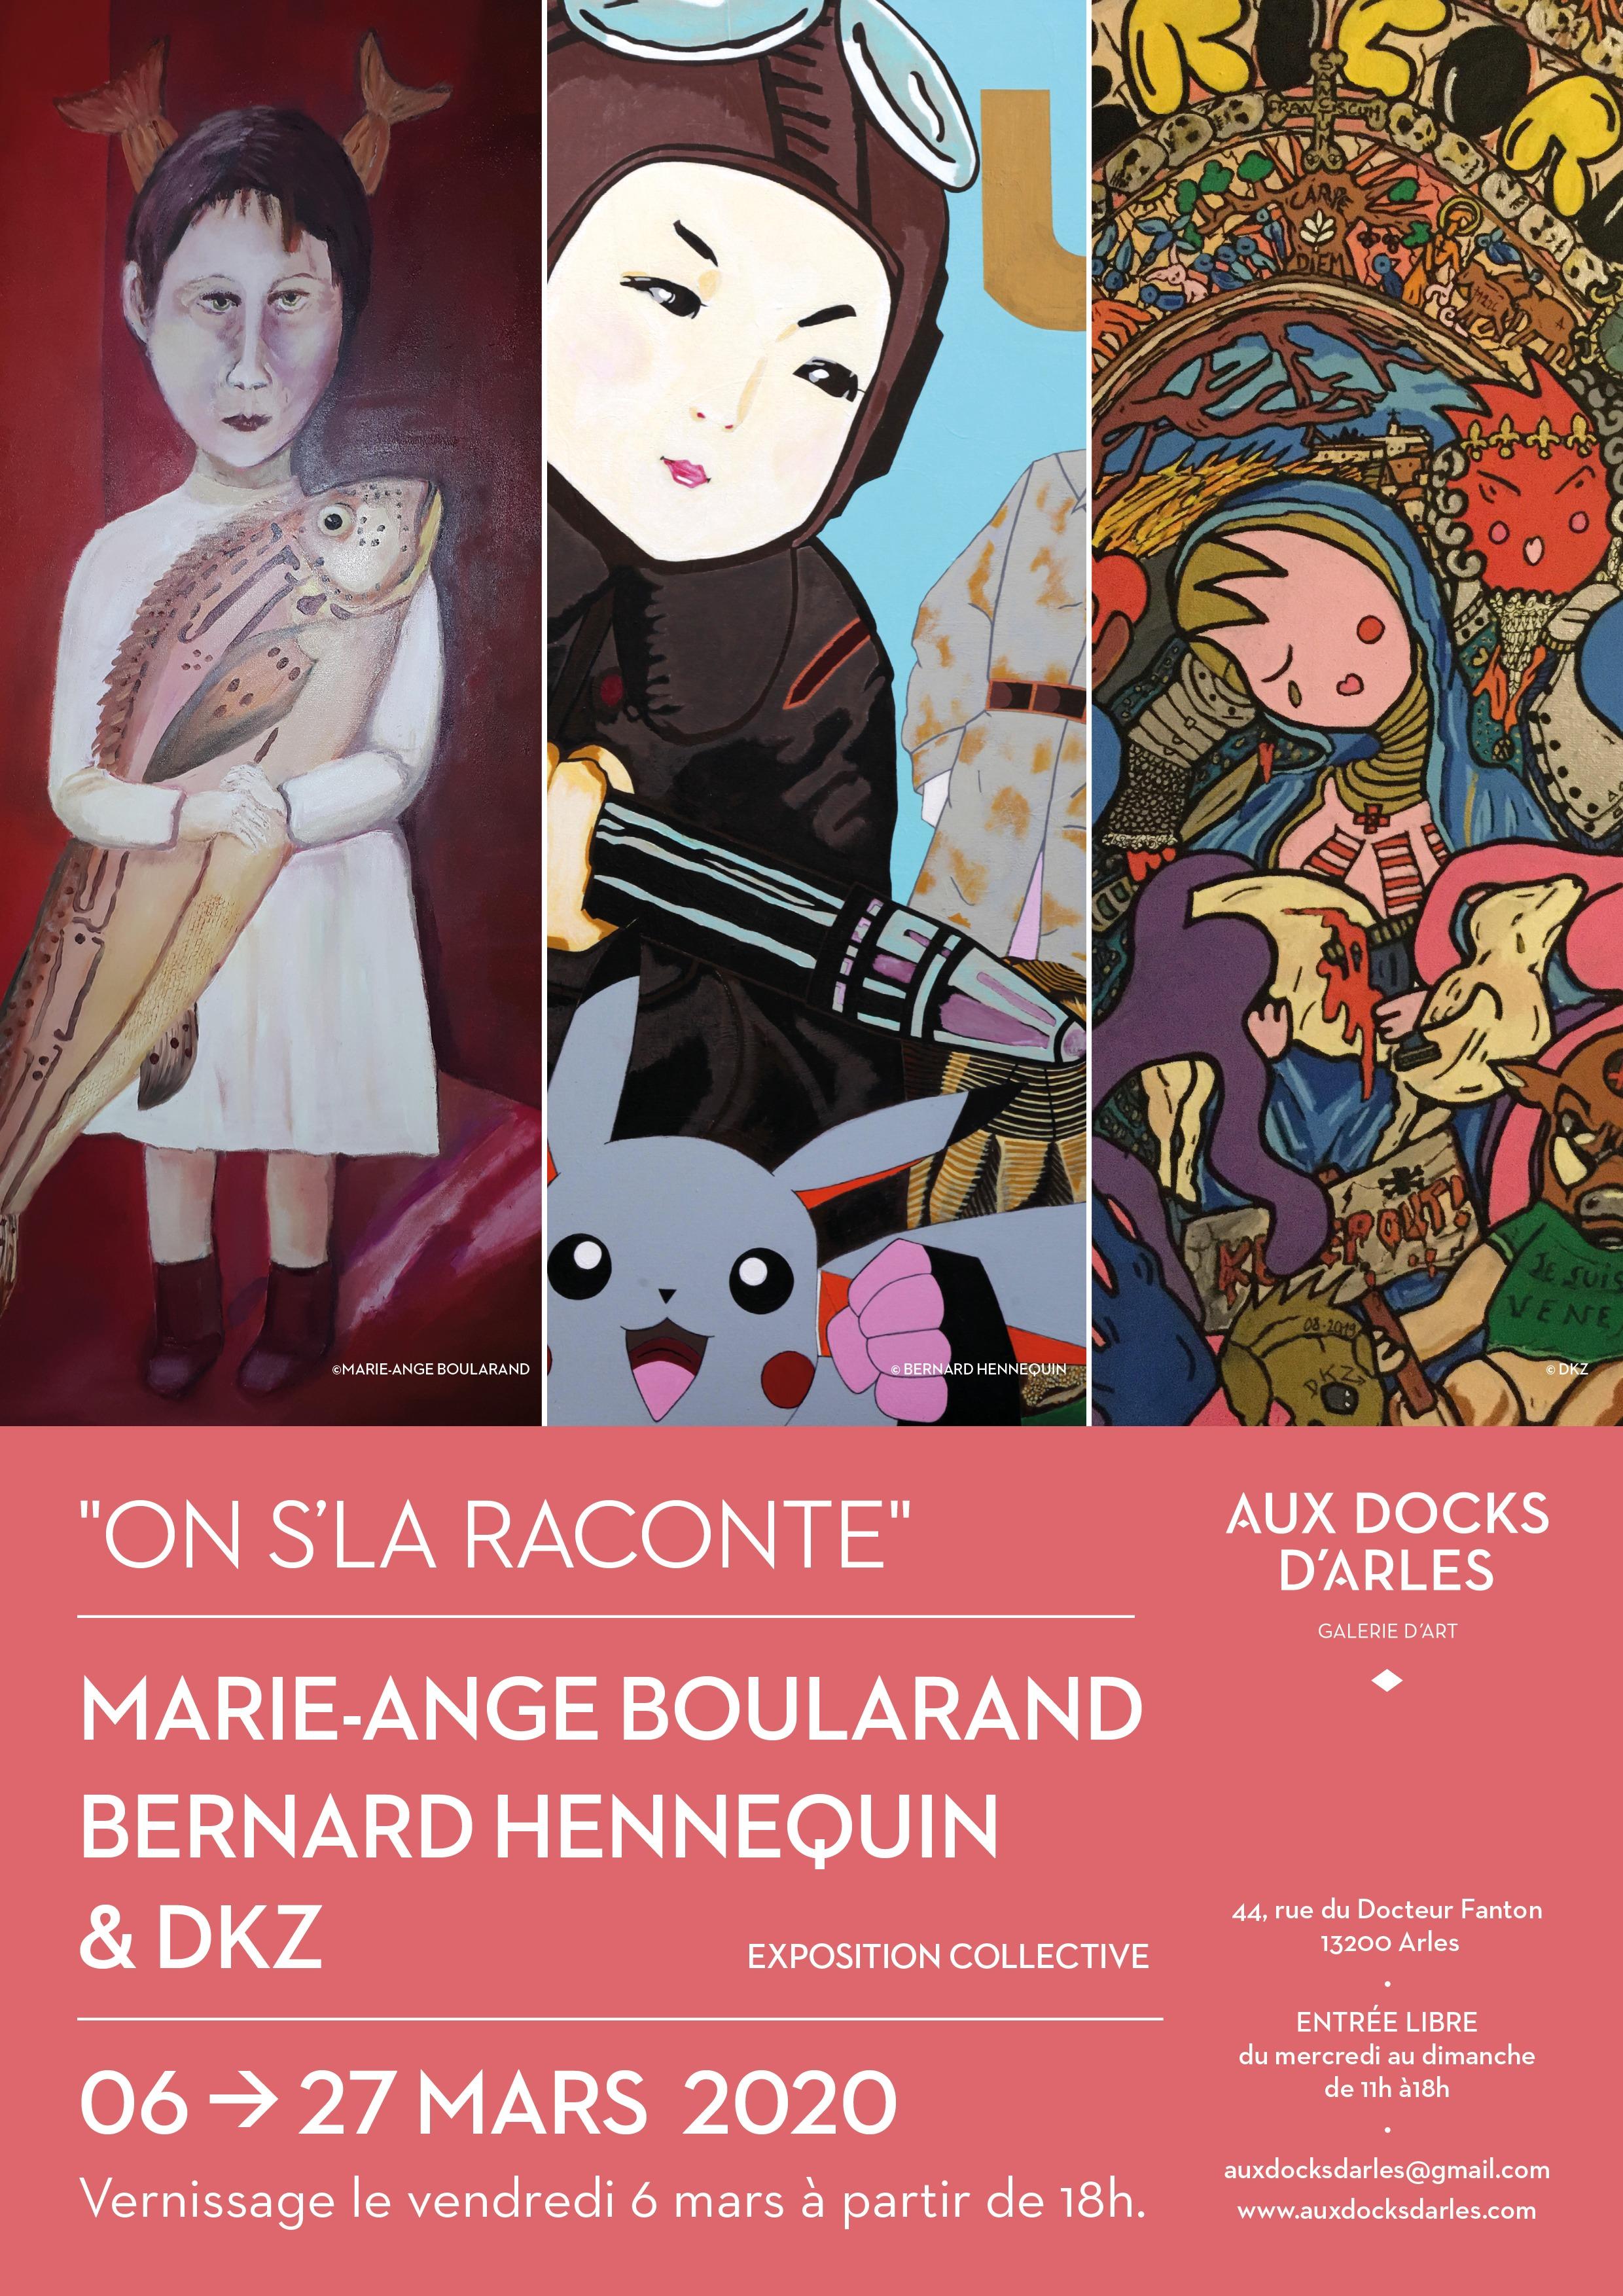 """Exposition de peintures et sculptures de Marie-Ange Boularand, Bernard Hennequin et DKZ, dans le cadre du festival """"Arles se livre"""" du 6 au 8 mars , Aux Docks d'Arles, puis jusqu'au 27 mars 2020."""